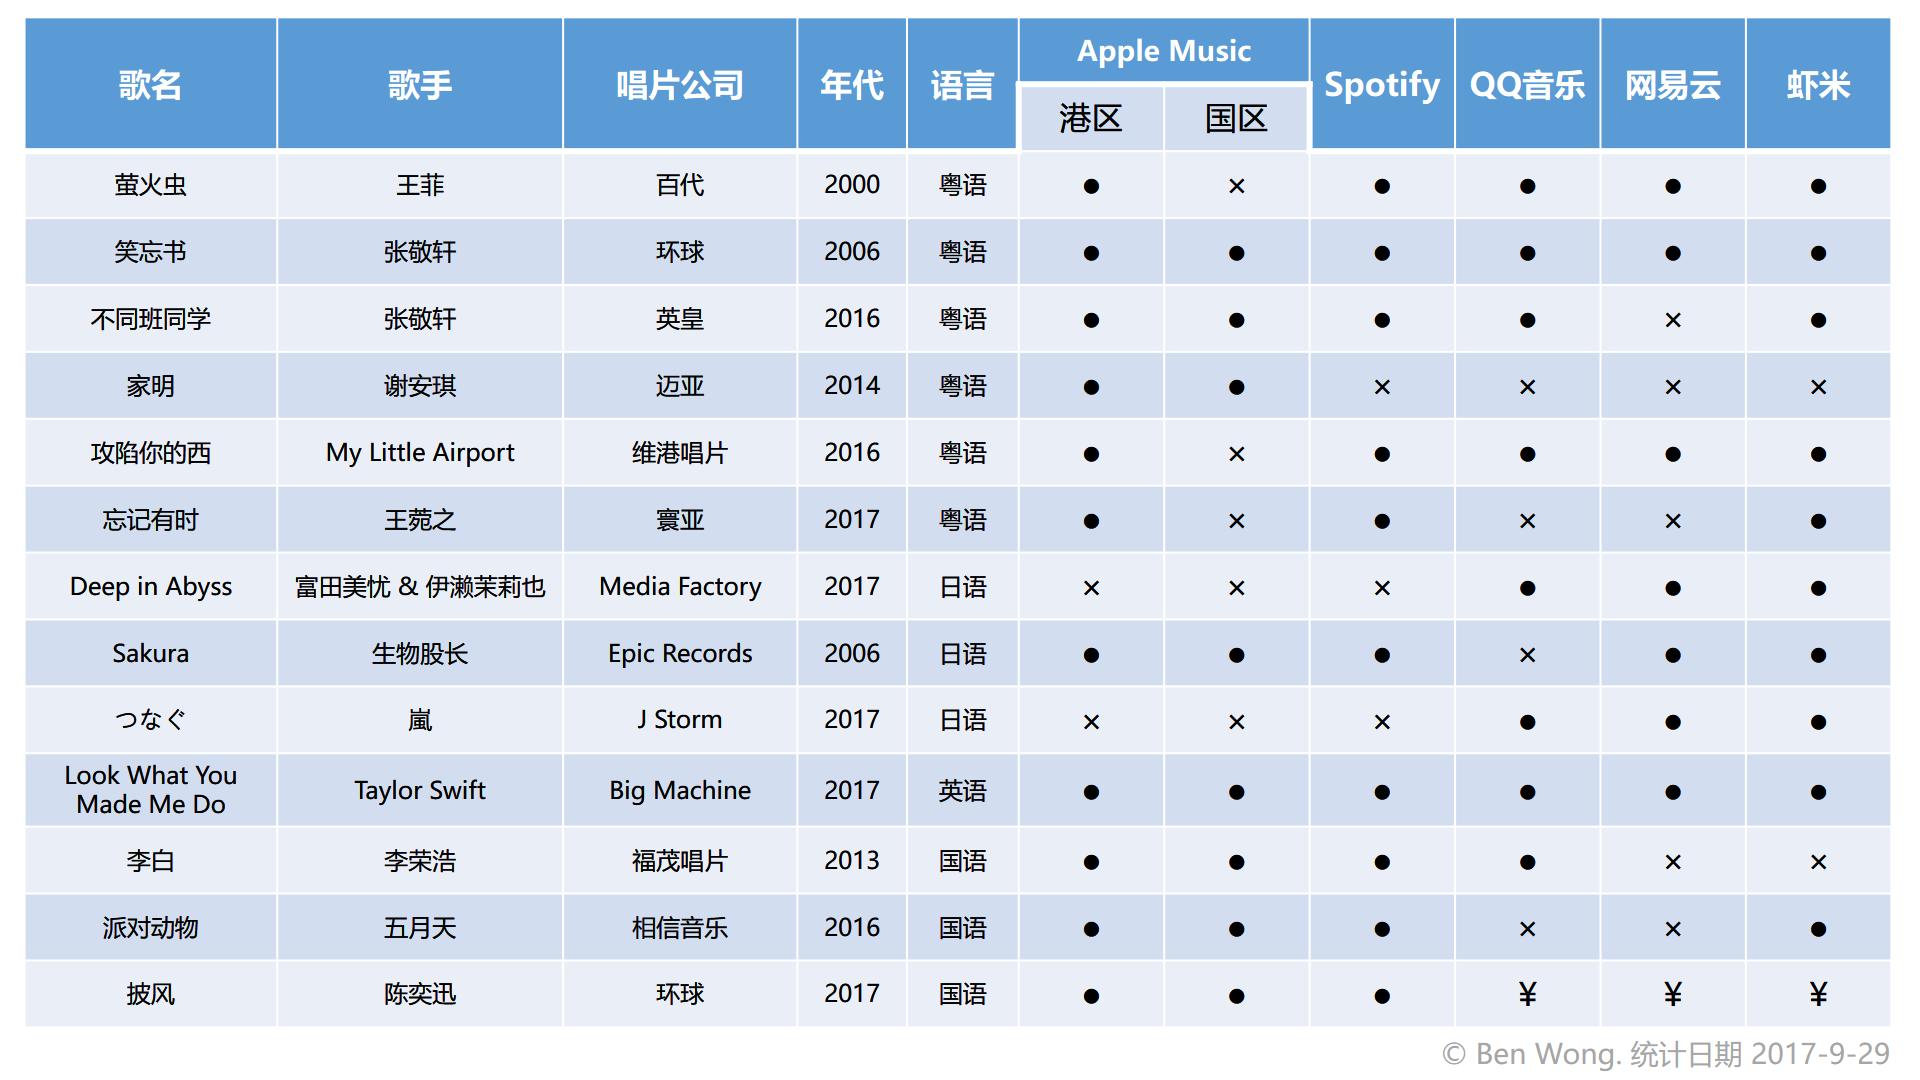 五大平台曲库收录情况(制表:Ben Wong)